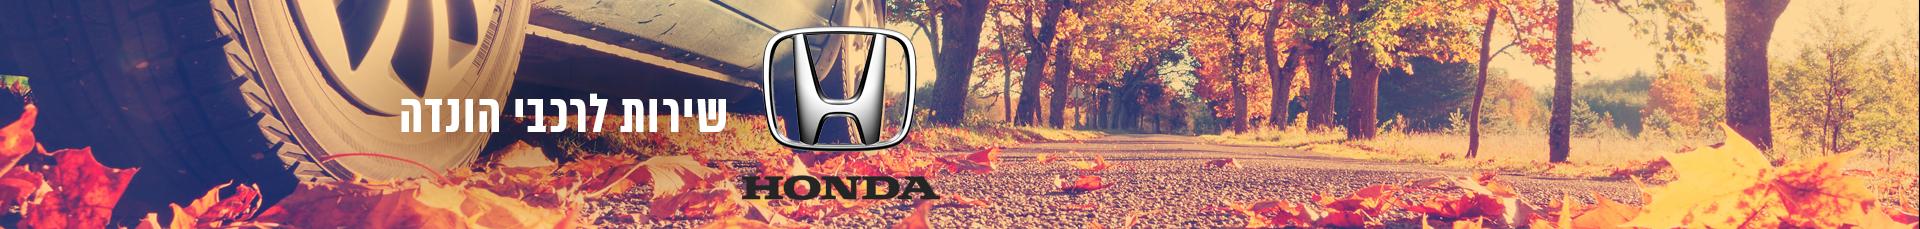 שירות לרכבי הונדה